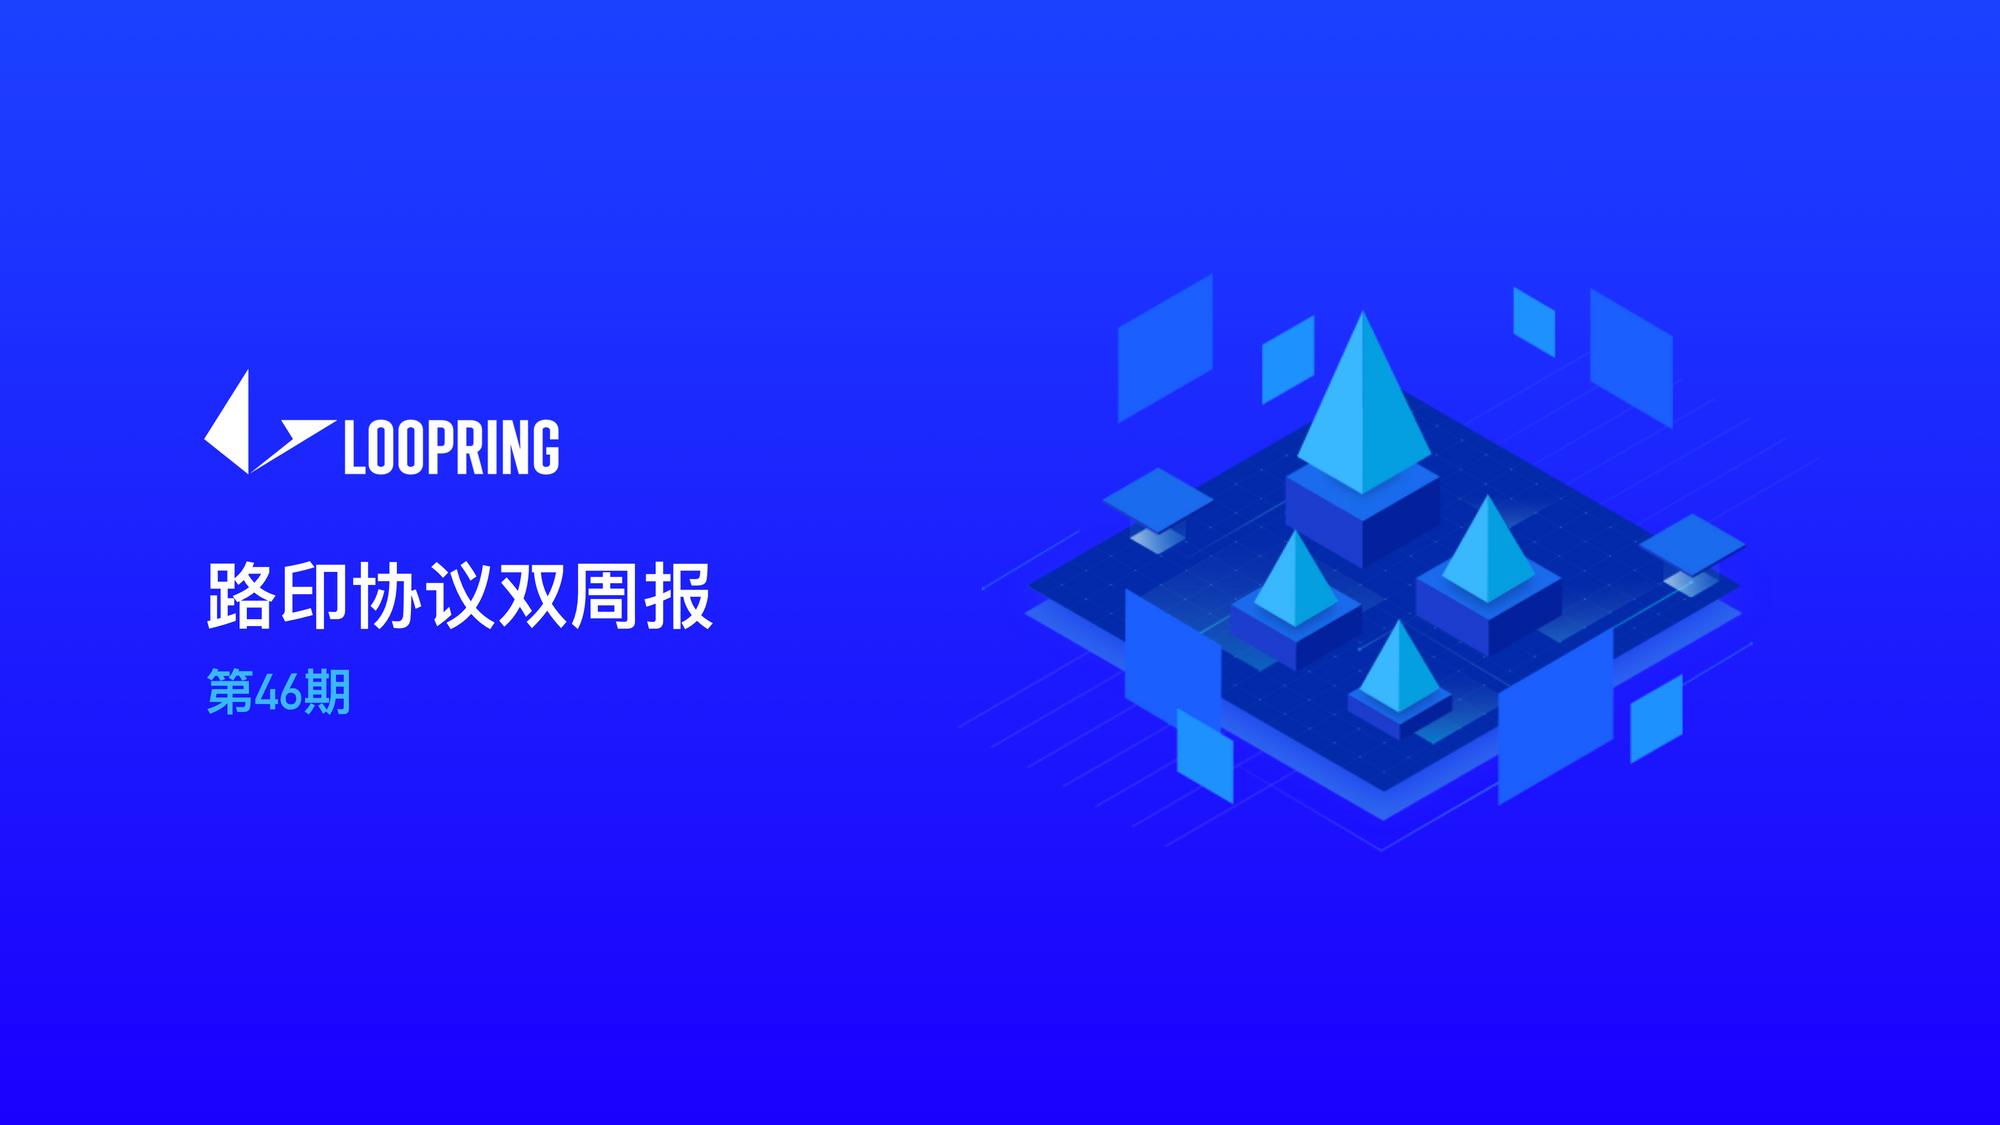 46期双周报中文.png